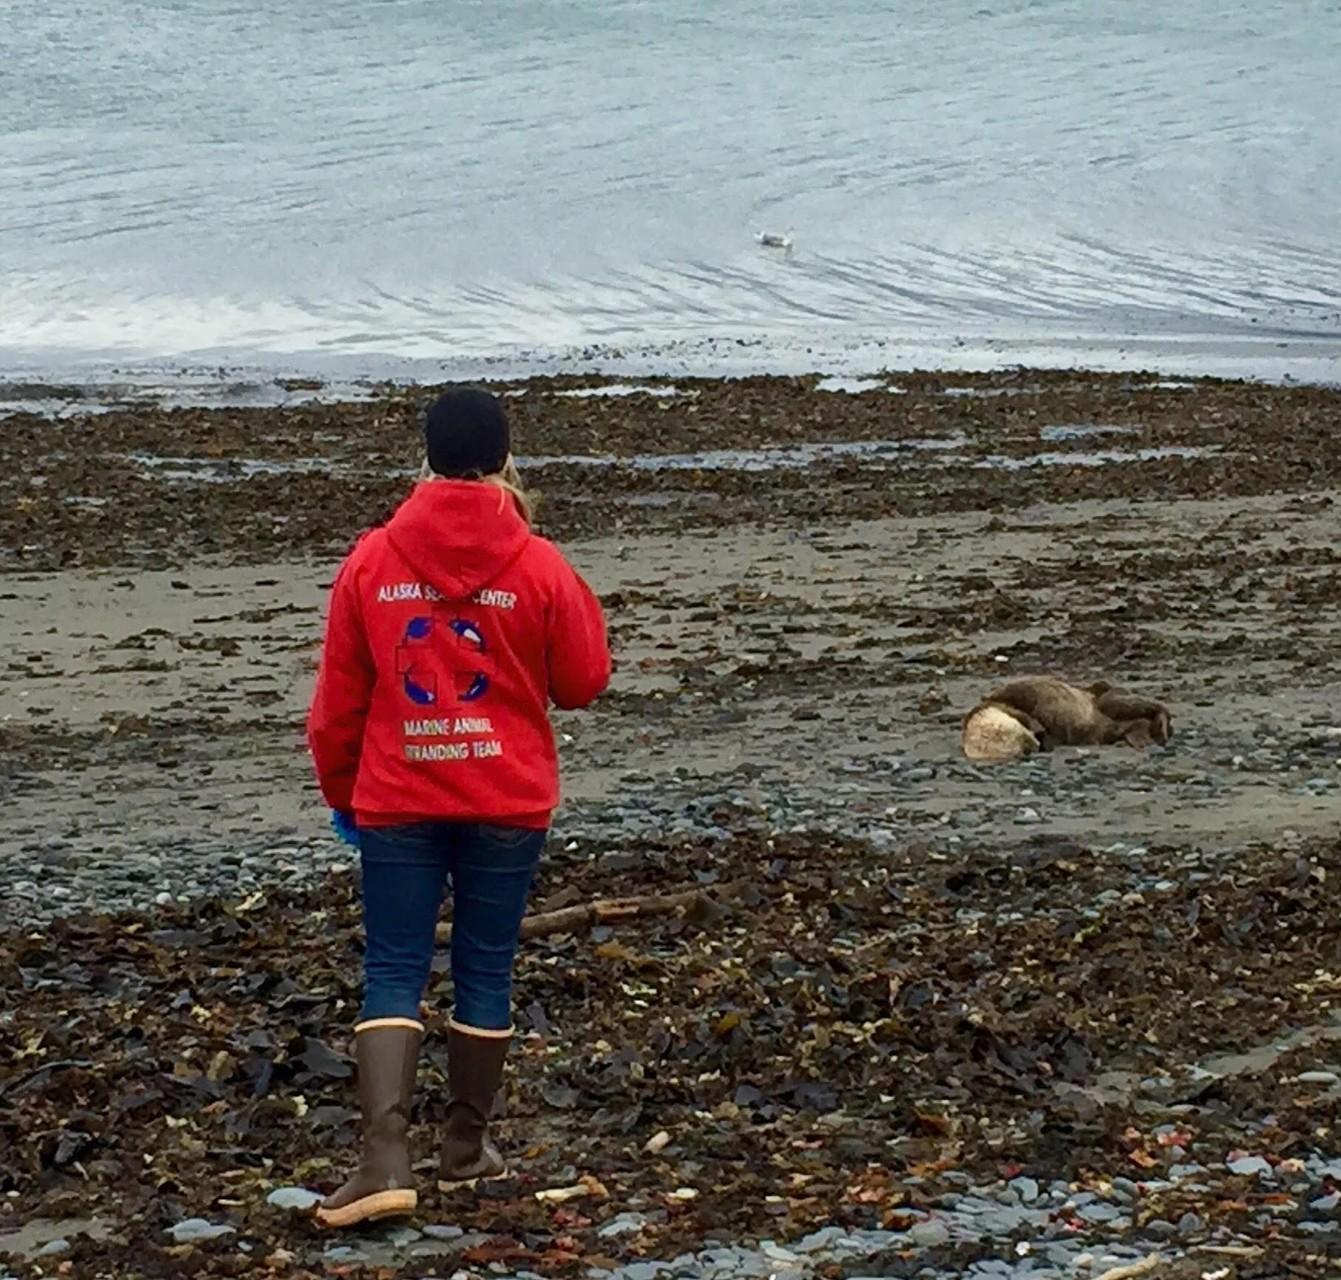 Debbie Boege-Tobin教授がカチェマック湾の浜で具合の悪いラッコを観察する PHOTO BY ELAINA MARCOTTE